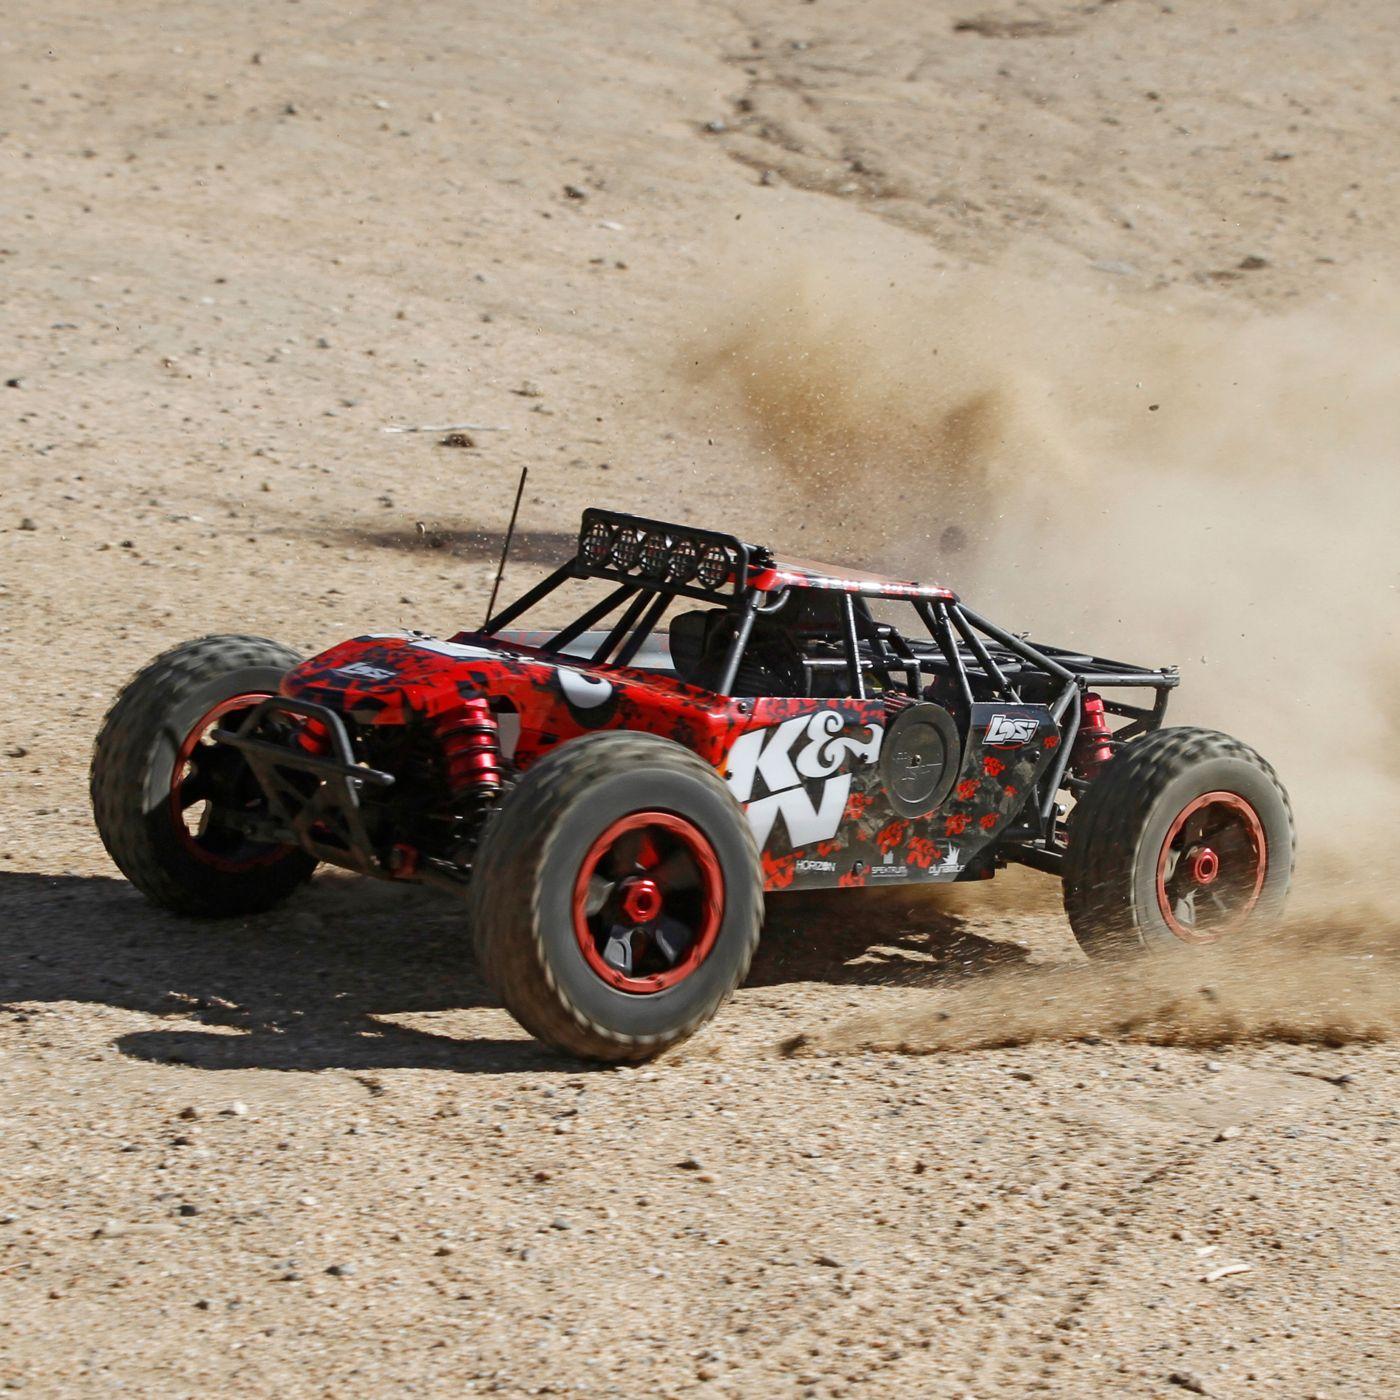 Losi K & N Desert Buggy XL Gas 23cc 1/5 4WD RTR 10